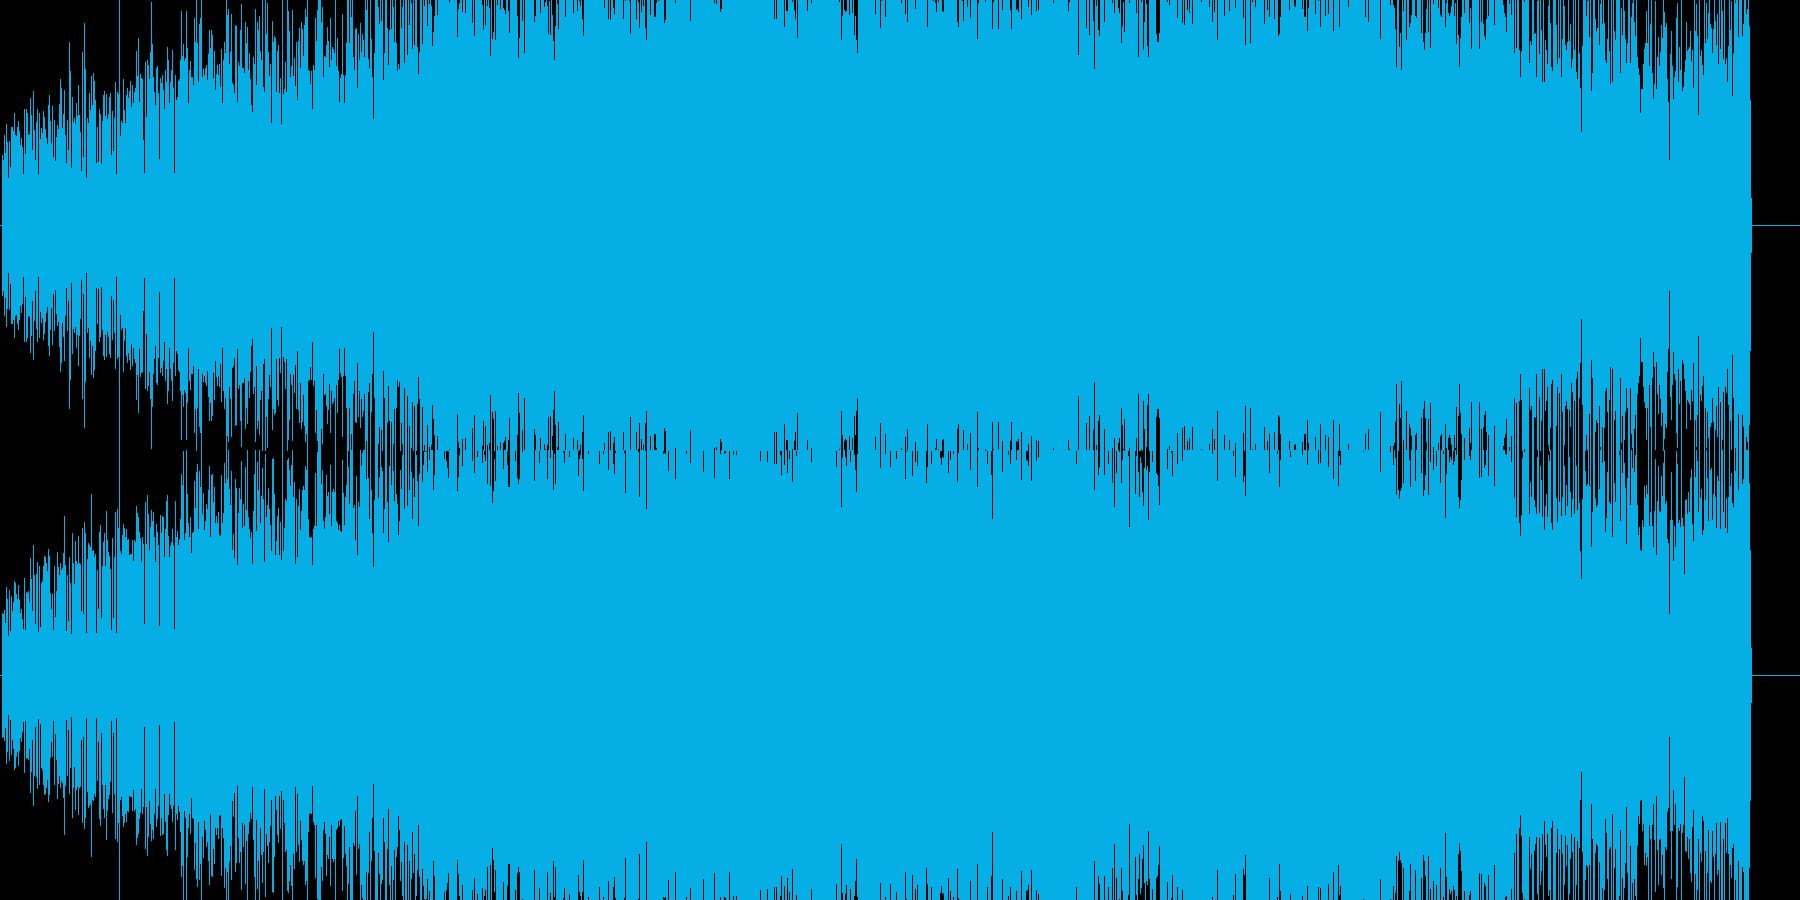 シンセを使った近未来風BGMの再生済みの波形